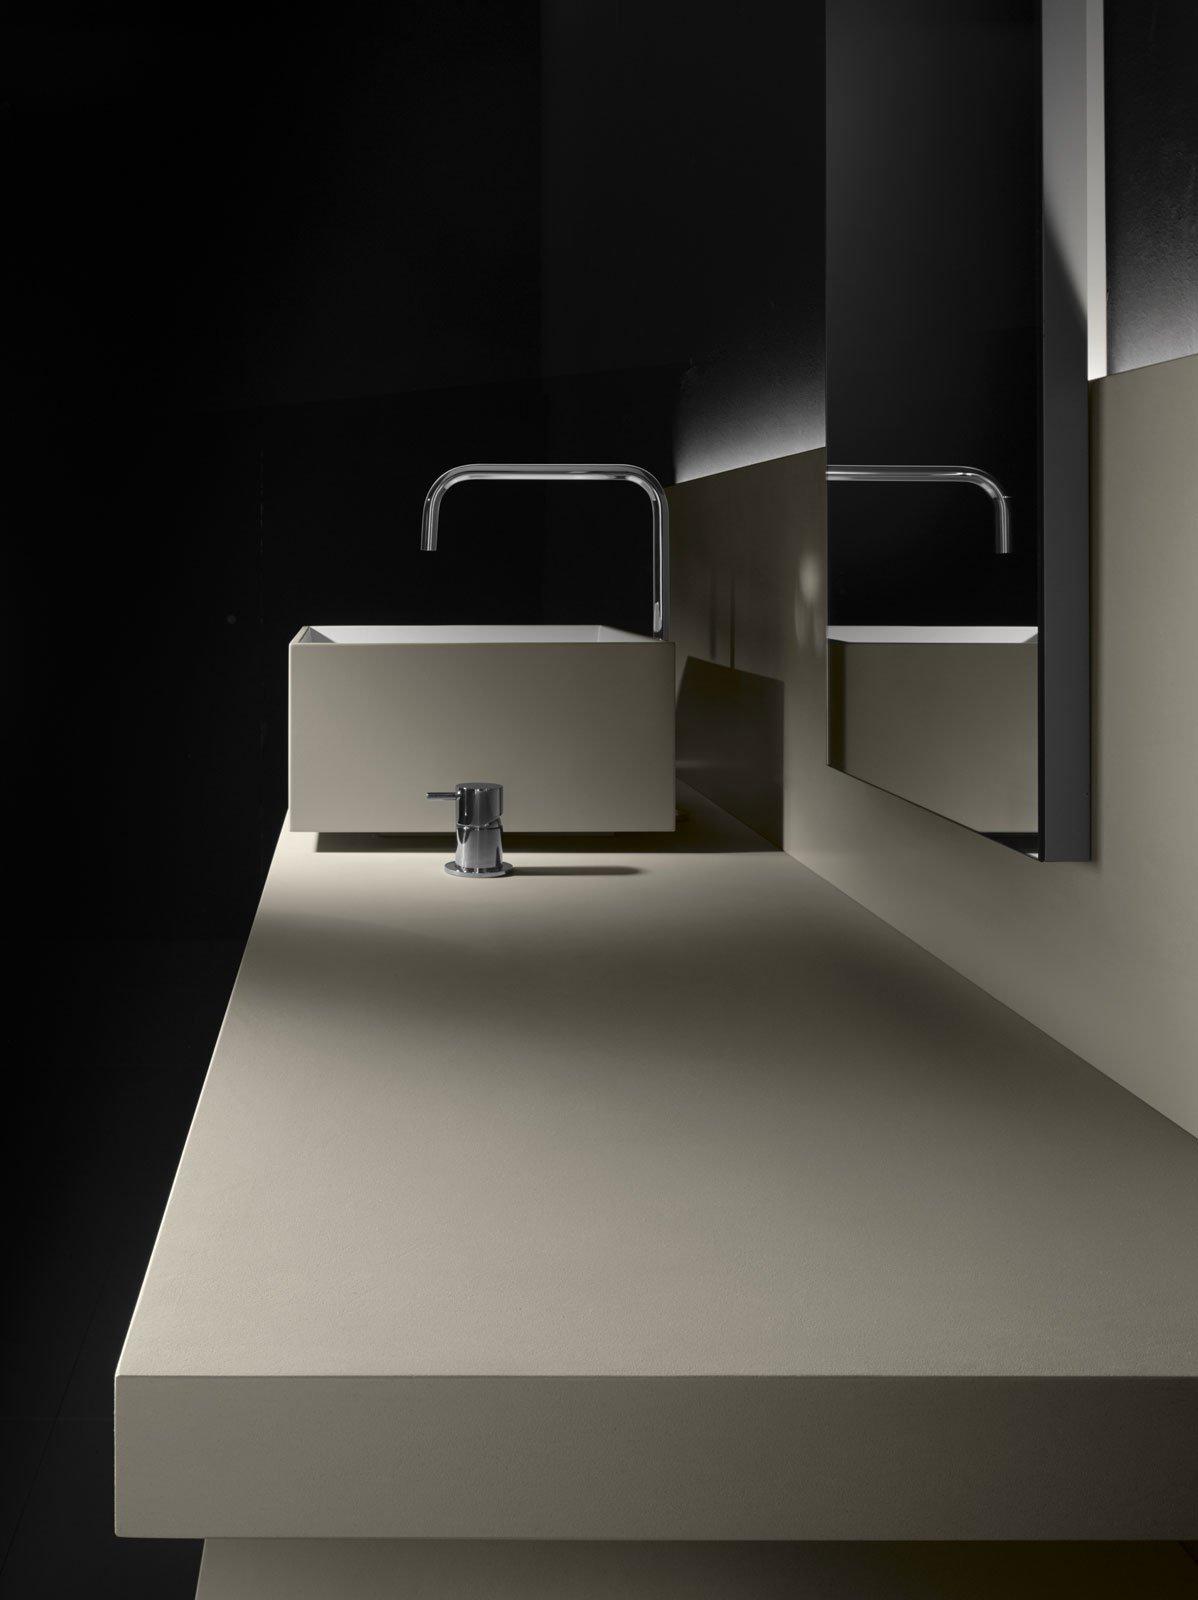 Linea-Sintesi,-di-Milldue,-con-lavabo-Step-45-Milltek-con-l ...